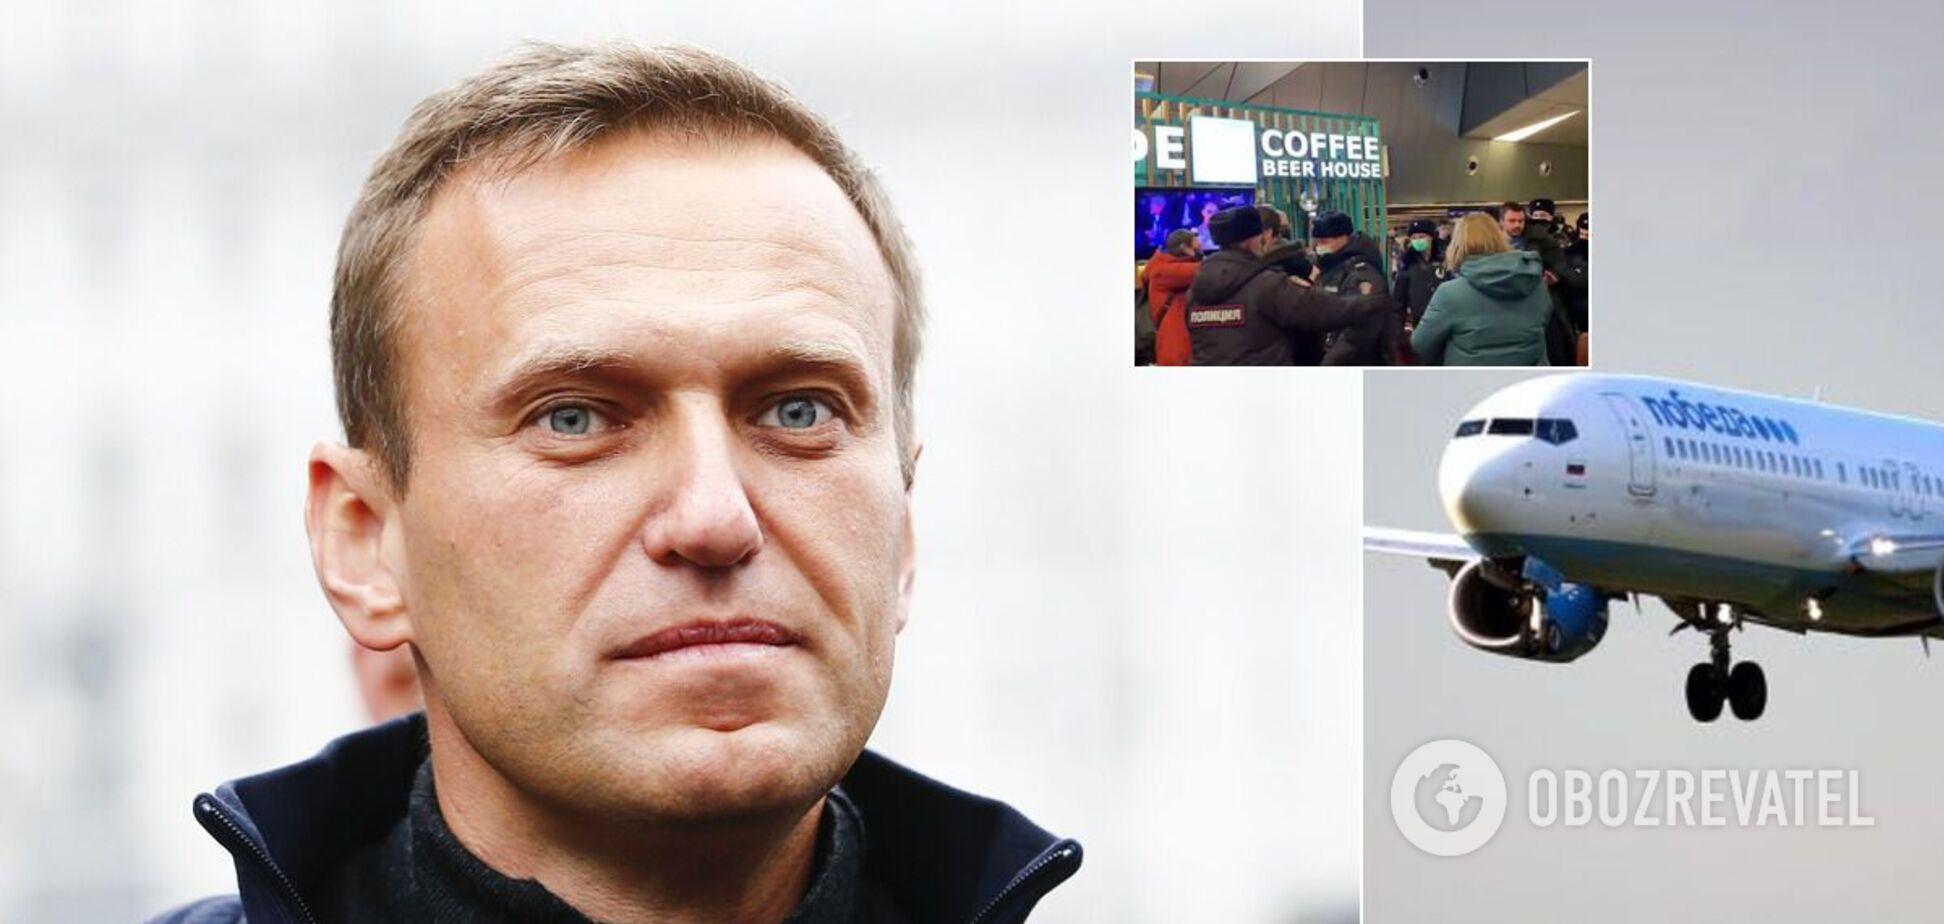 Навальный вернулся в Россию, его задержали прямо в 'Шереметьево': все подробности, фото и видео